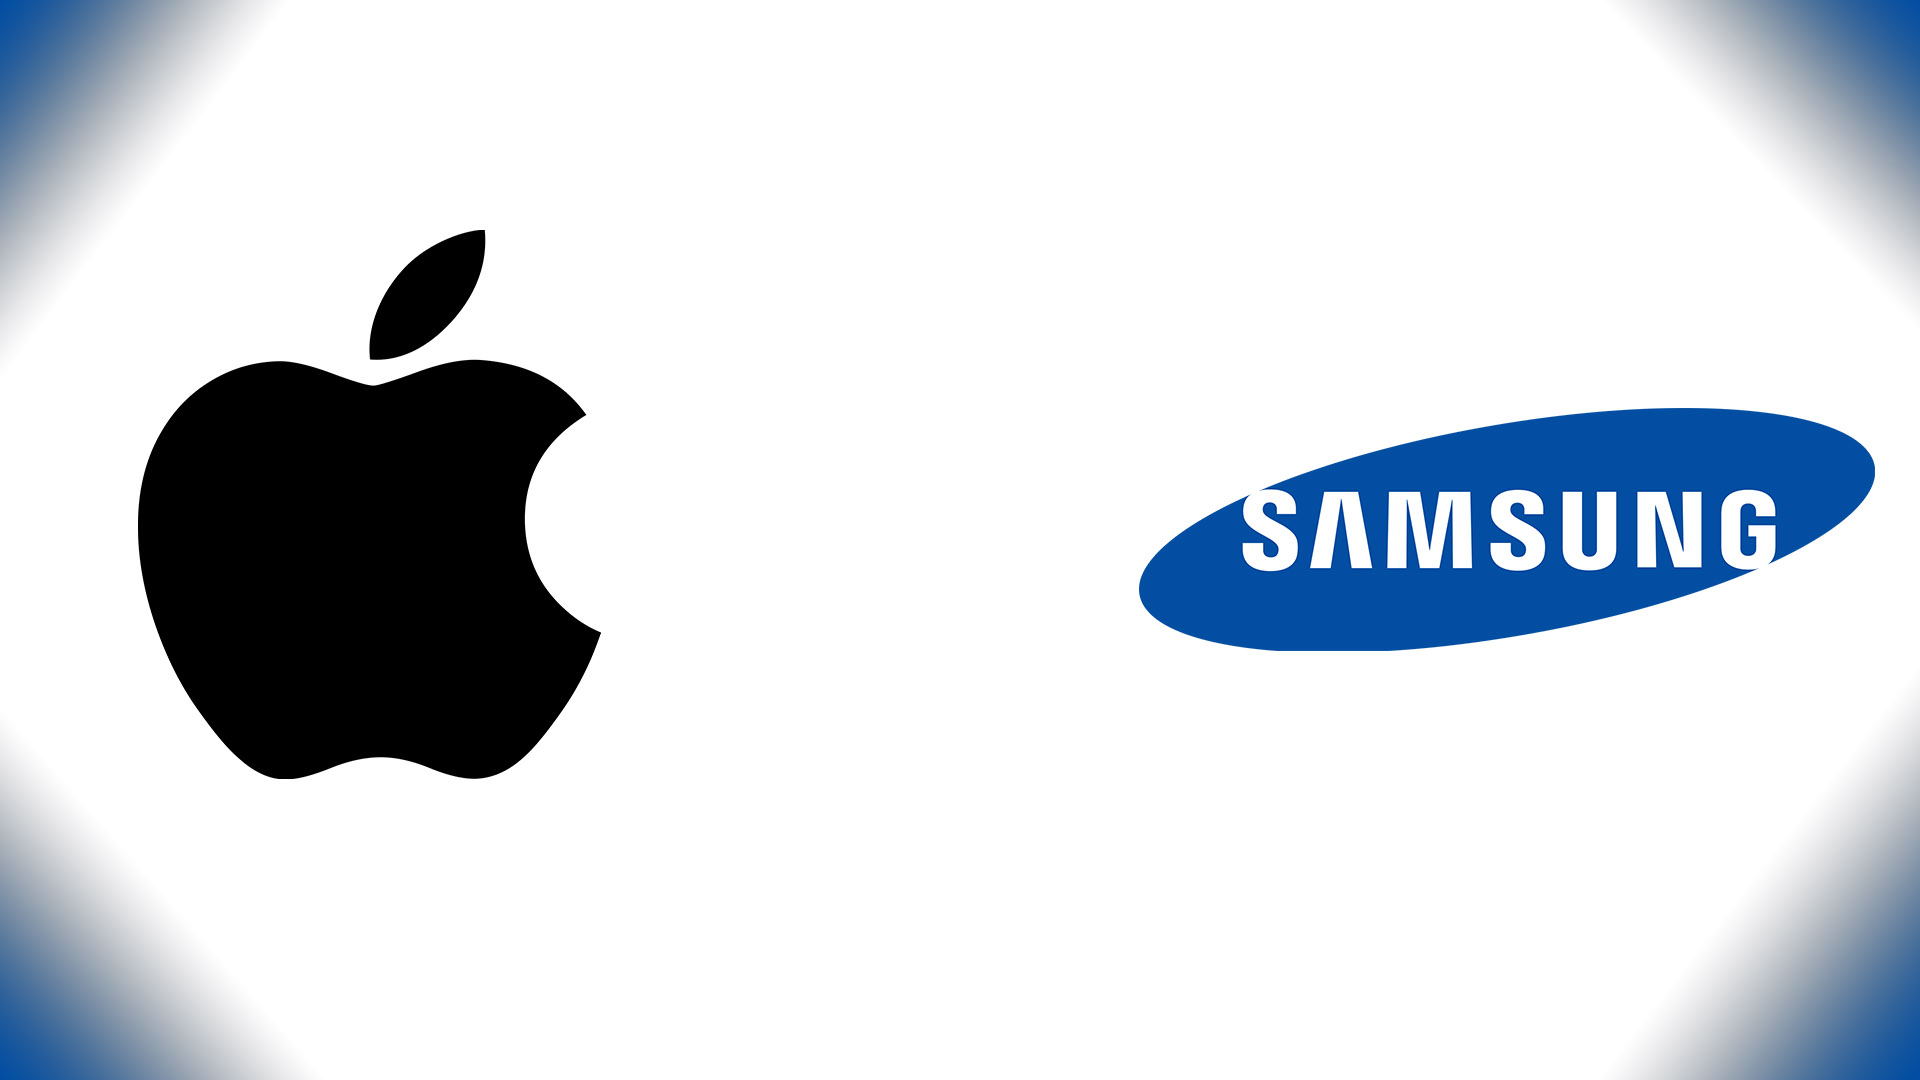 Samsung reduce la brecha de rentabilidad frente a Apple en los tres  primeros meses del año | Teknófilo